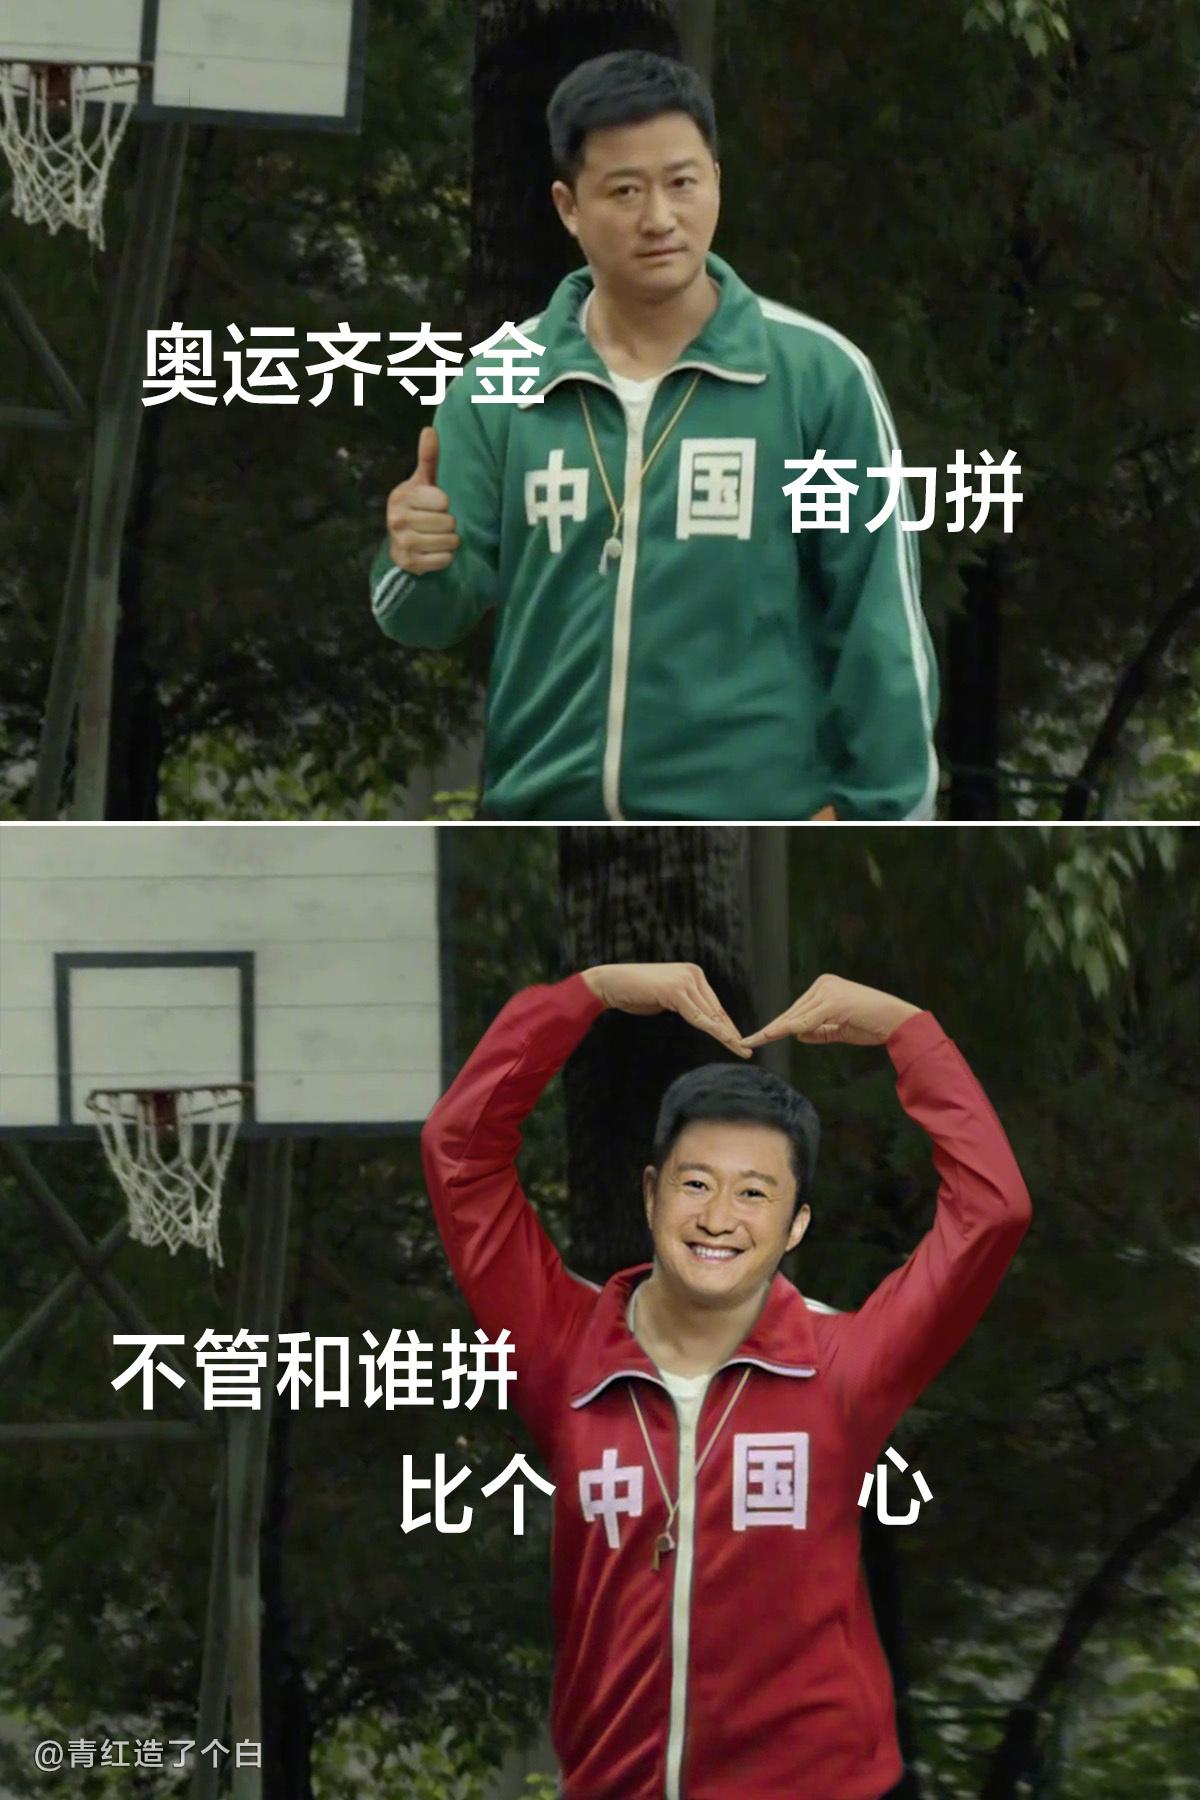 吴京爆笑参与奥运 谢楠微博评论被吴京表情包占领